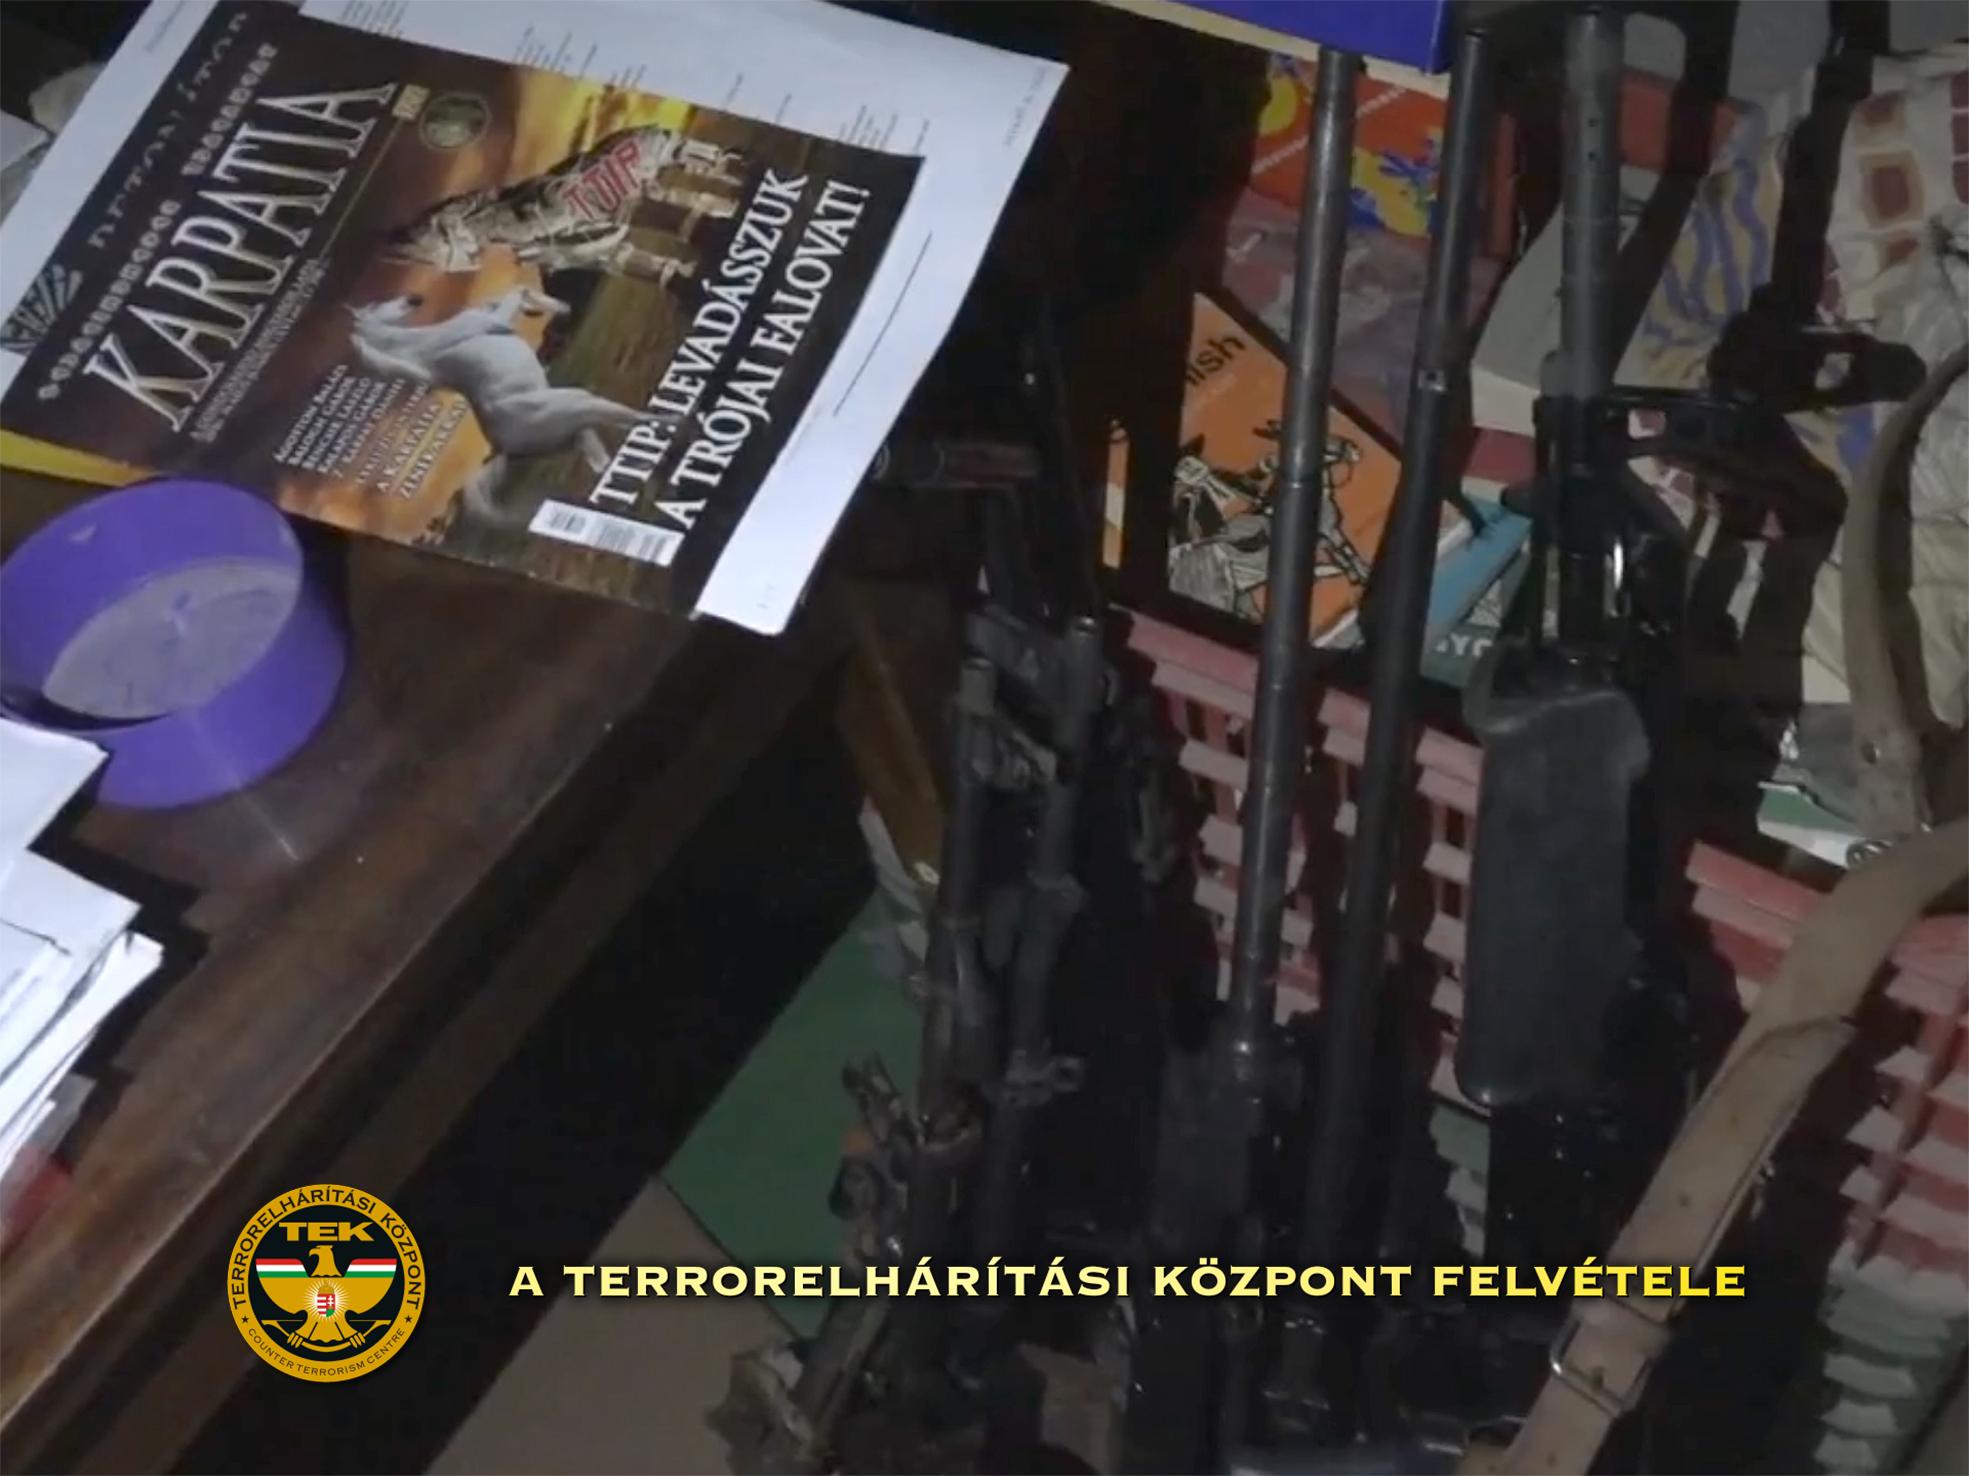 Migránsok elleni akcióra készült Győrkös István fia a rendőrség szerint